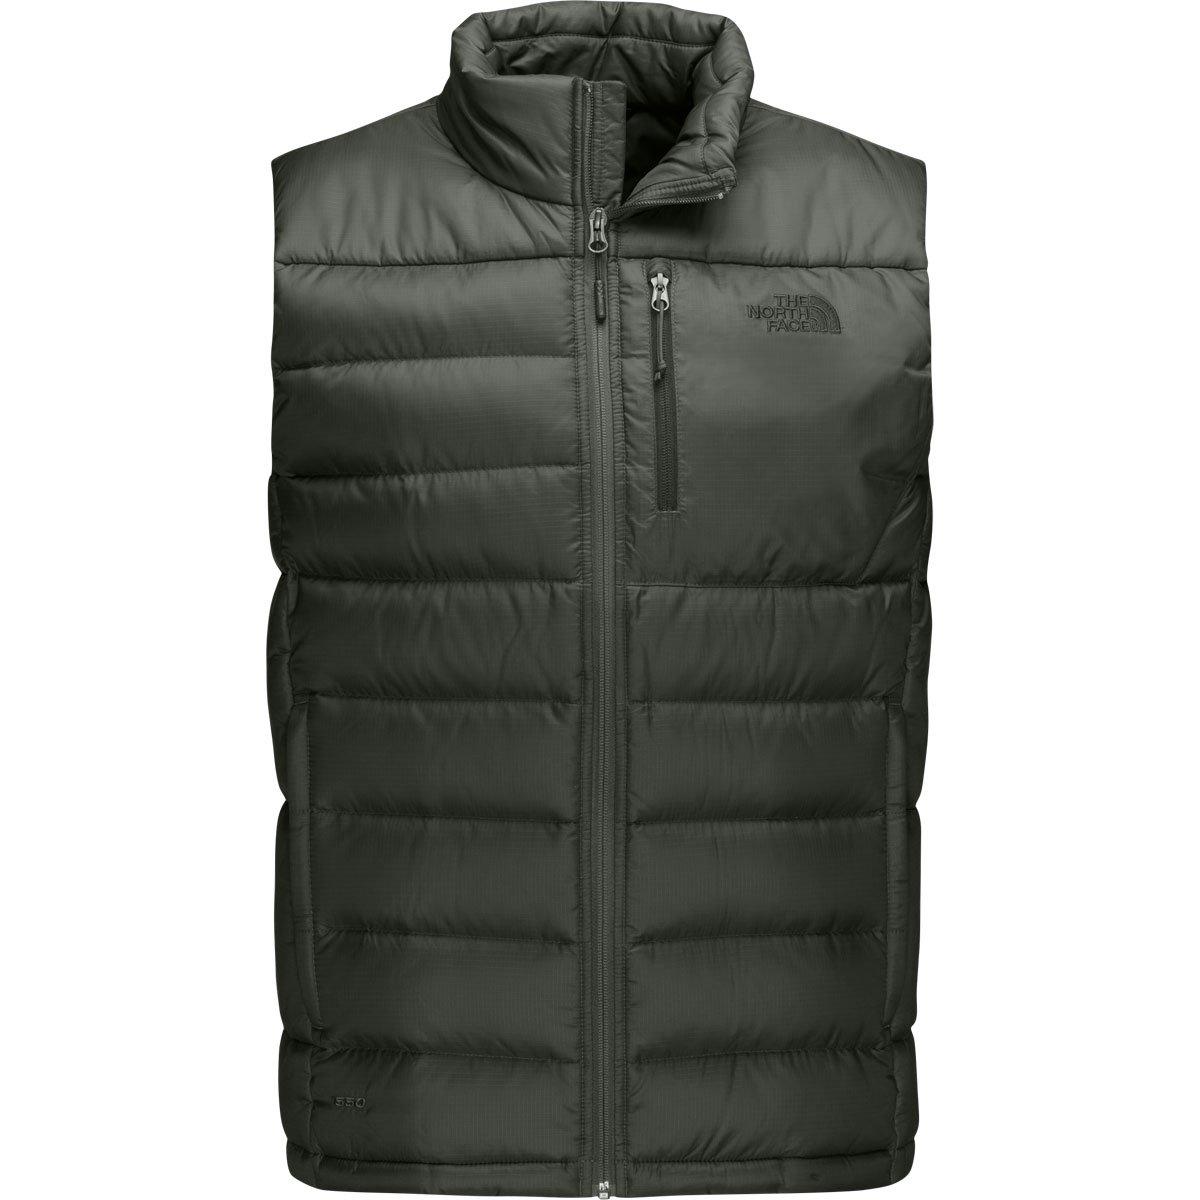 The North Face Aconcagua Vest Men's Fusebox Grey X-Large